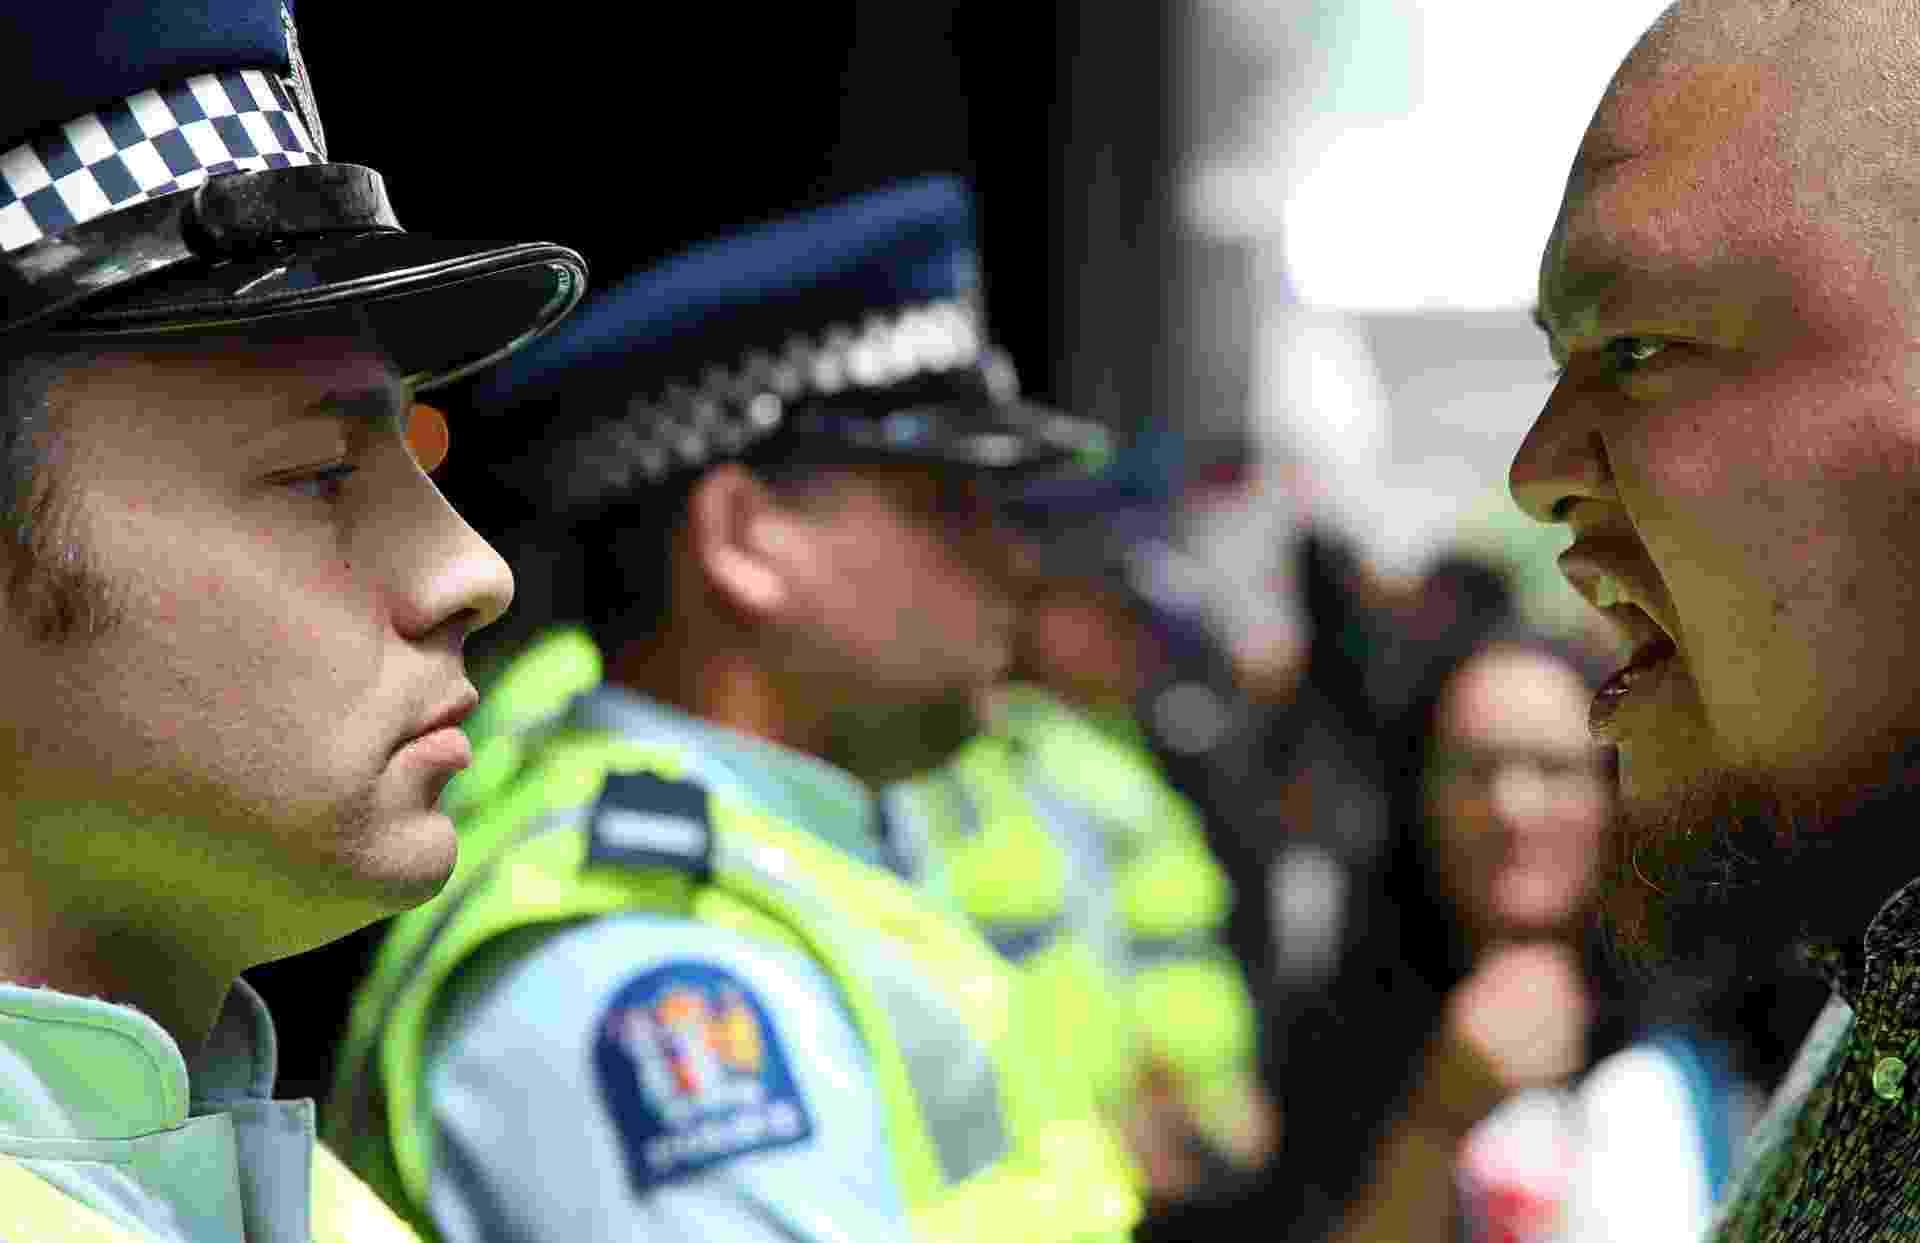 4.fev.2016 - Policiais e manifestante se encaram, enquanto protesto fecha ruas da cidade de Auckland nesta quinta-feira contra o Acordo de Parceria Transpacífico, debatido por ministros neozelandeses nesta quarta. Entre outras medidas, o acordo prevê a eliminação de quase todas as barreiras tarifarias entre os 12 países-membros - entre eles, algumas das maiores economias do mundo, como EUA e Japão - e que respondem por cerca de 40% da economia global - Michael Bradley/AFP